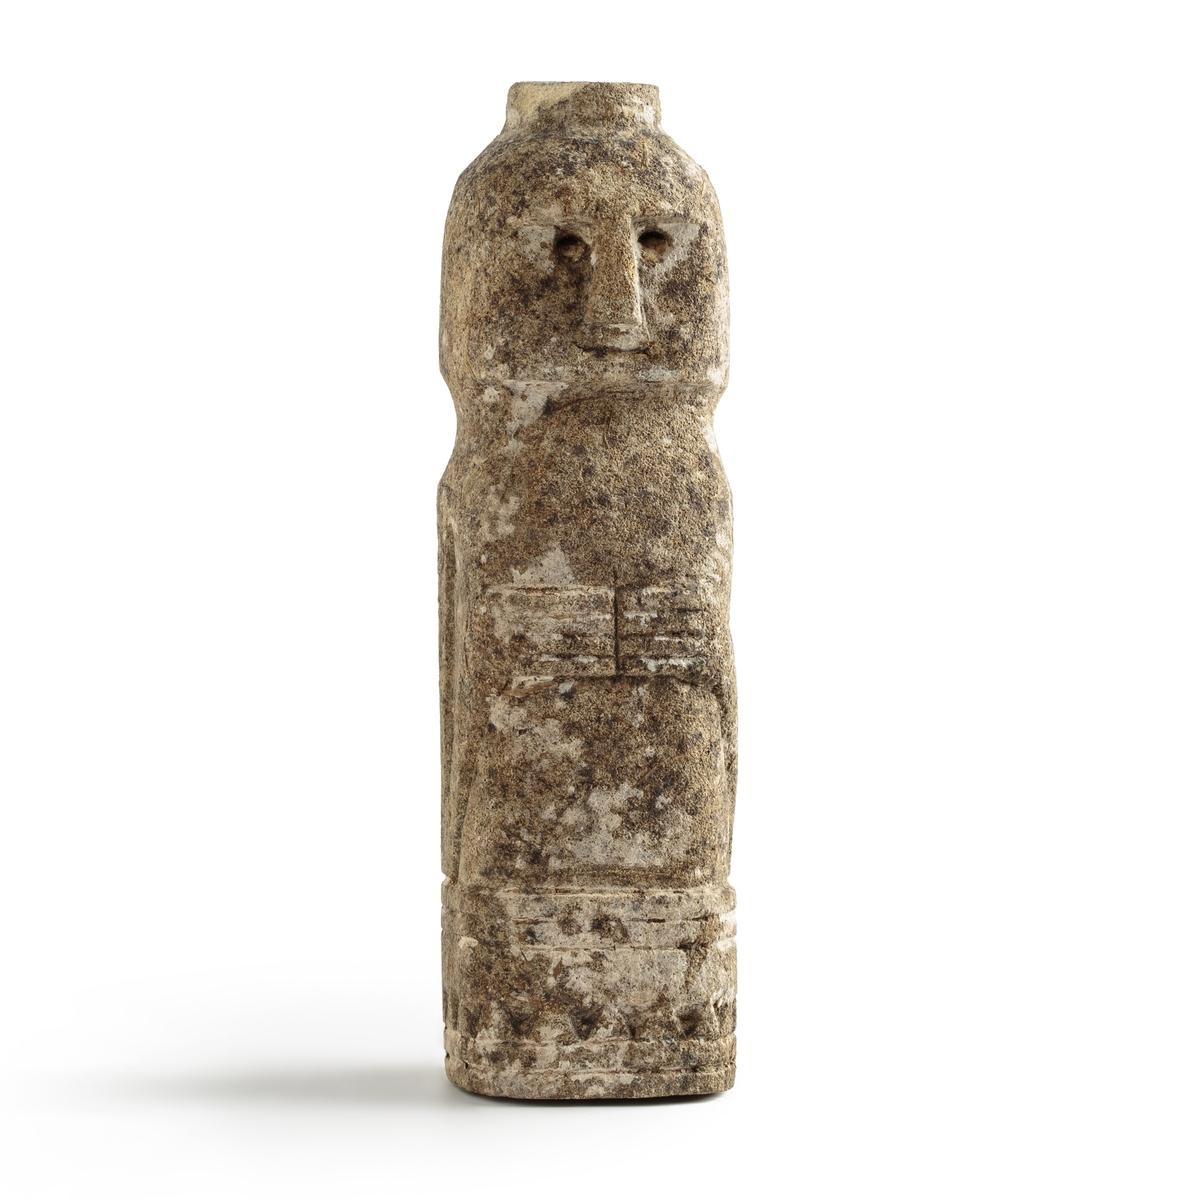 Статуэтка из камня модель.1 Sumatra статуэтки русские подарки статуэтка мисс нежность